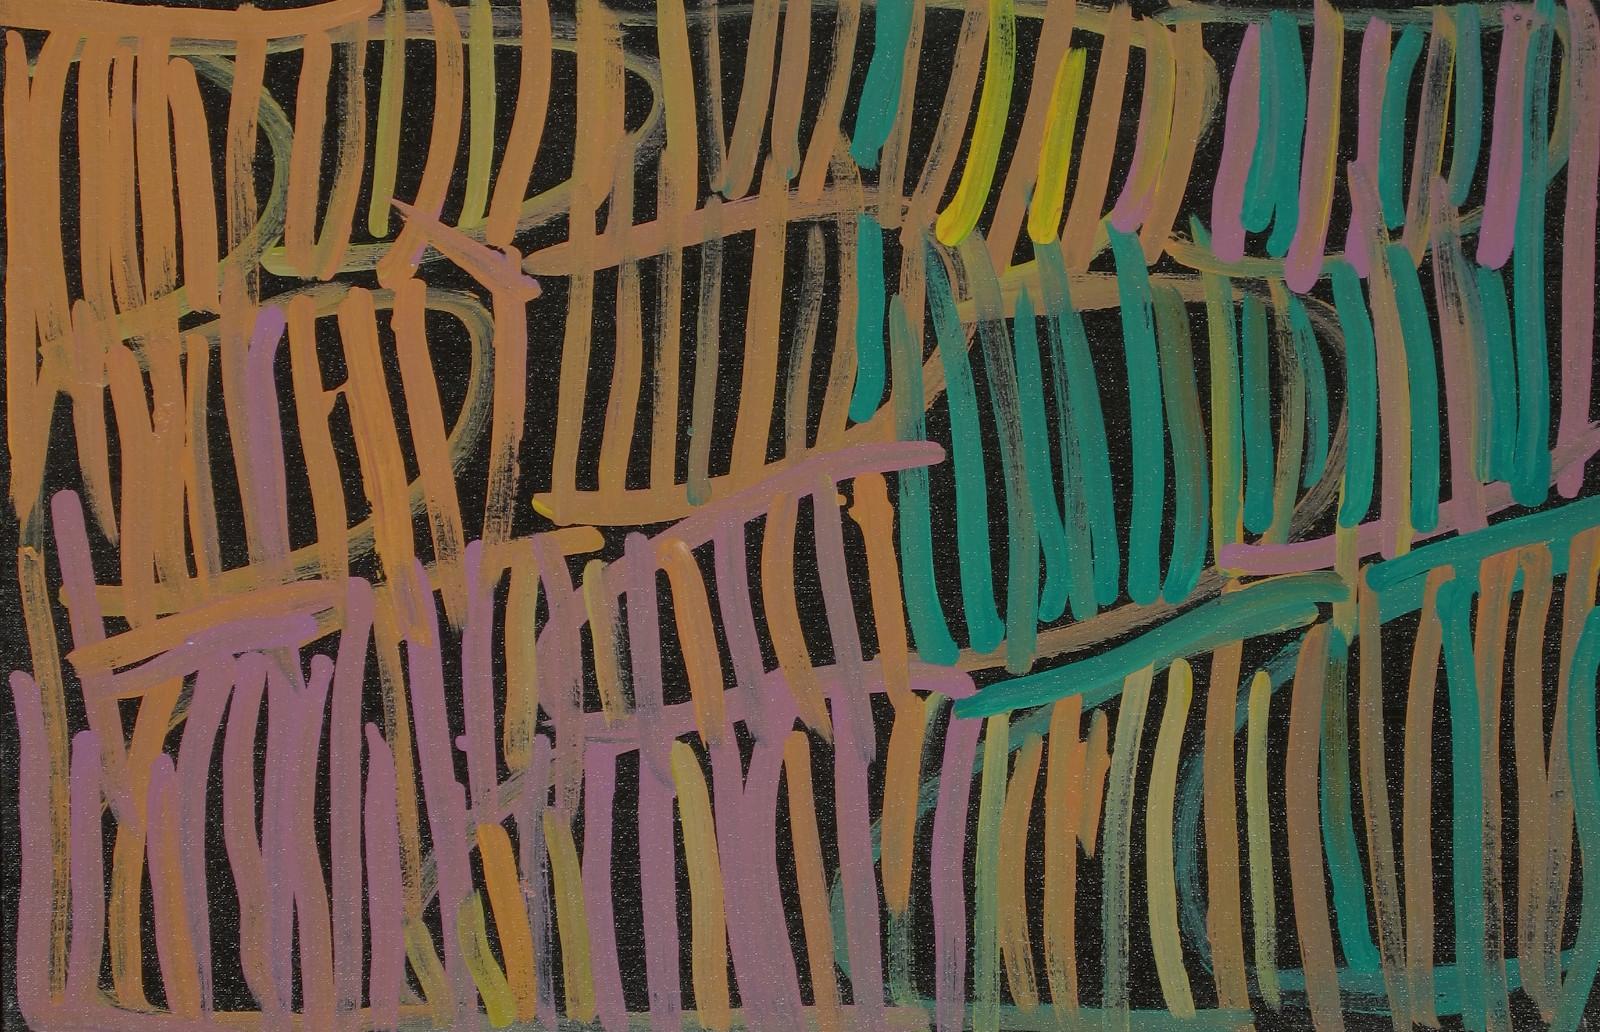 Minnie Pwerle 'Awelye antwengerrep' acrylic on linen 91 x 60cm #14514